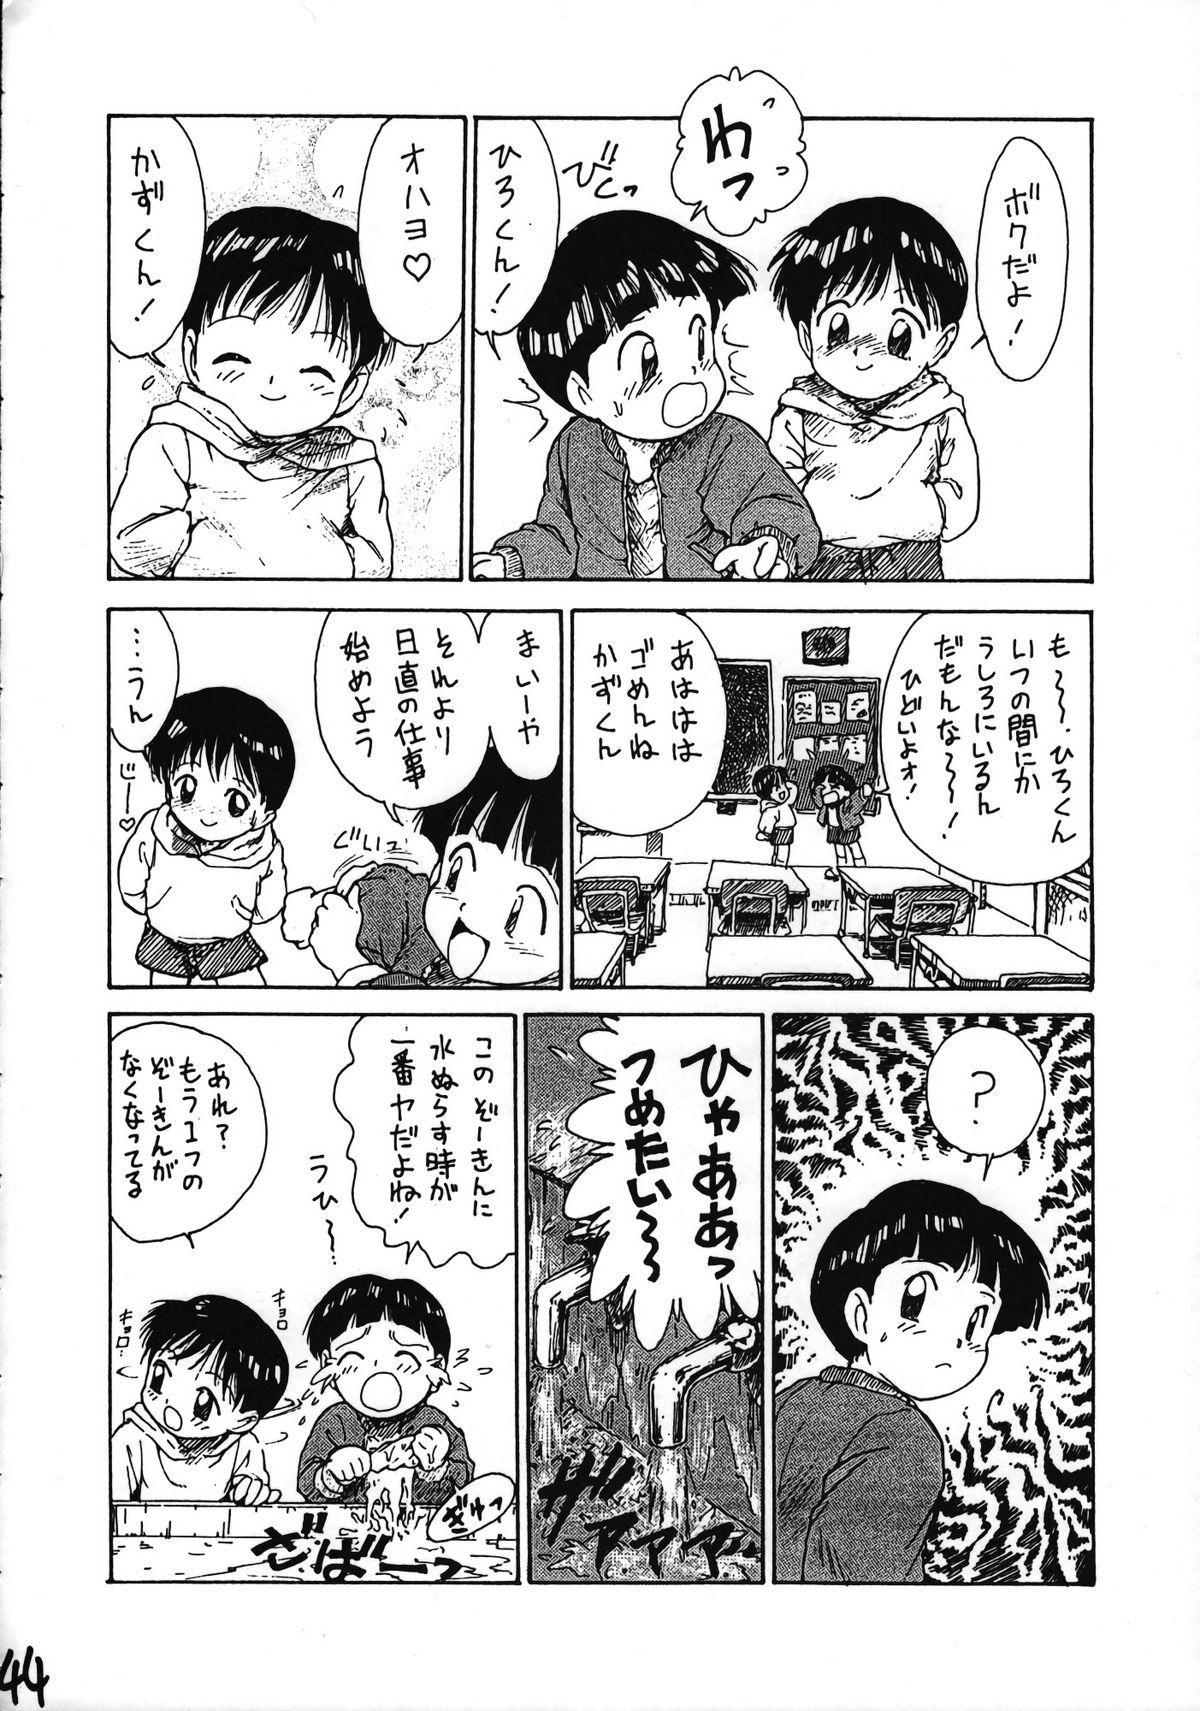 Ikenai! Otokonoko Hon Boy's H Book 2 44